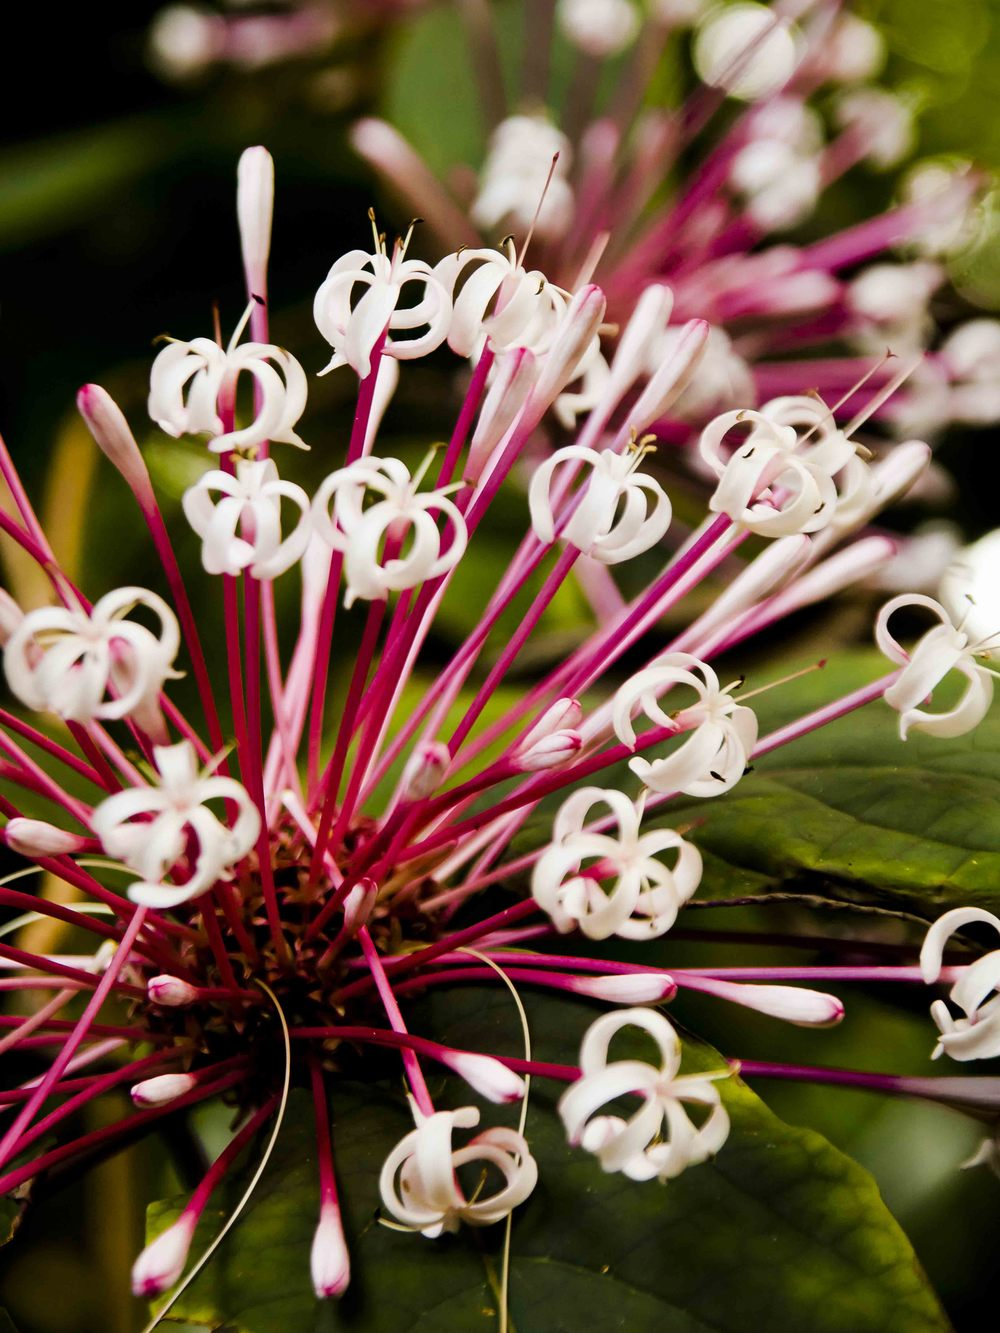 Keen-EyePhoto-dot-com_Flowers (7).jpeg